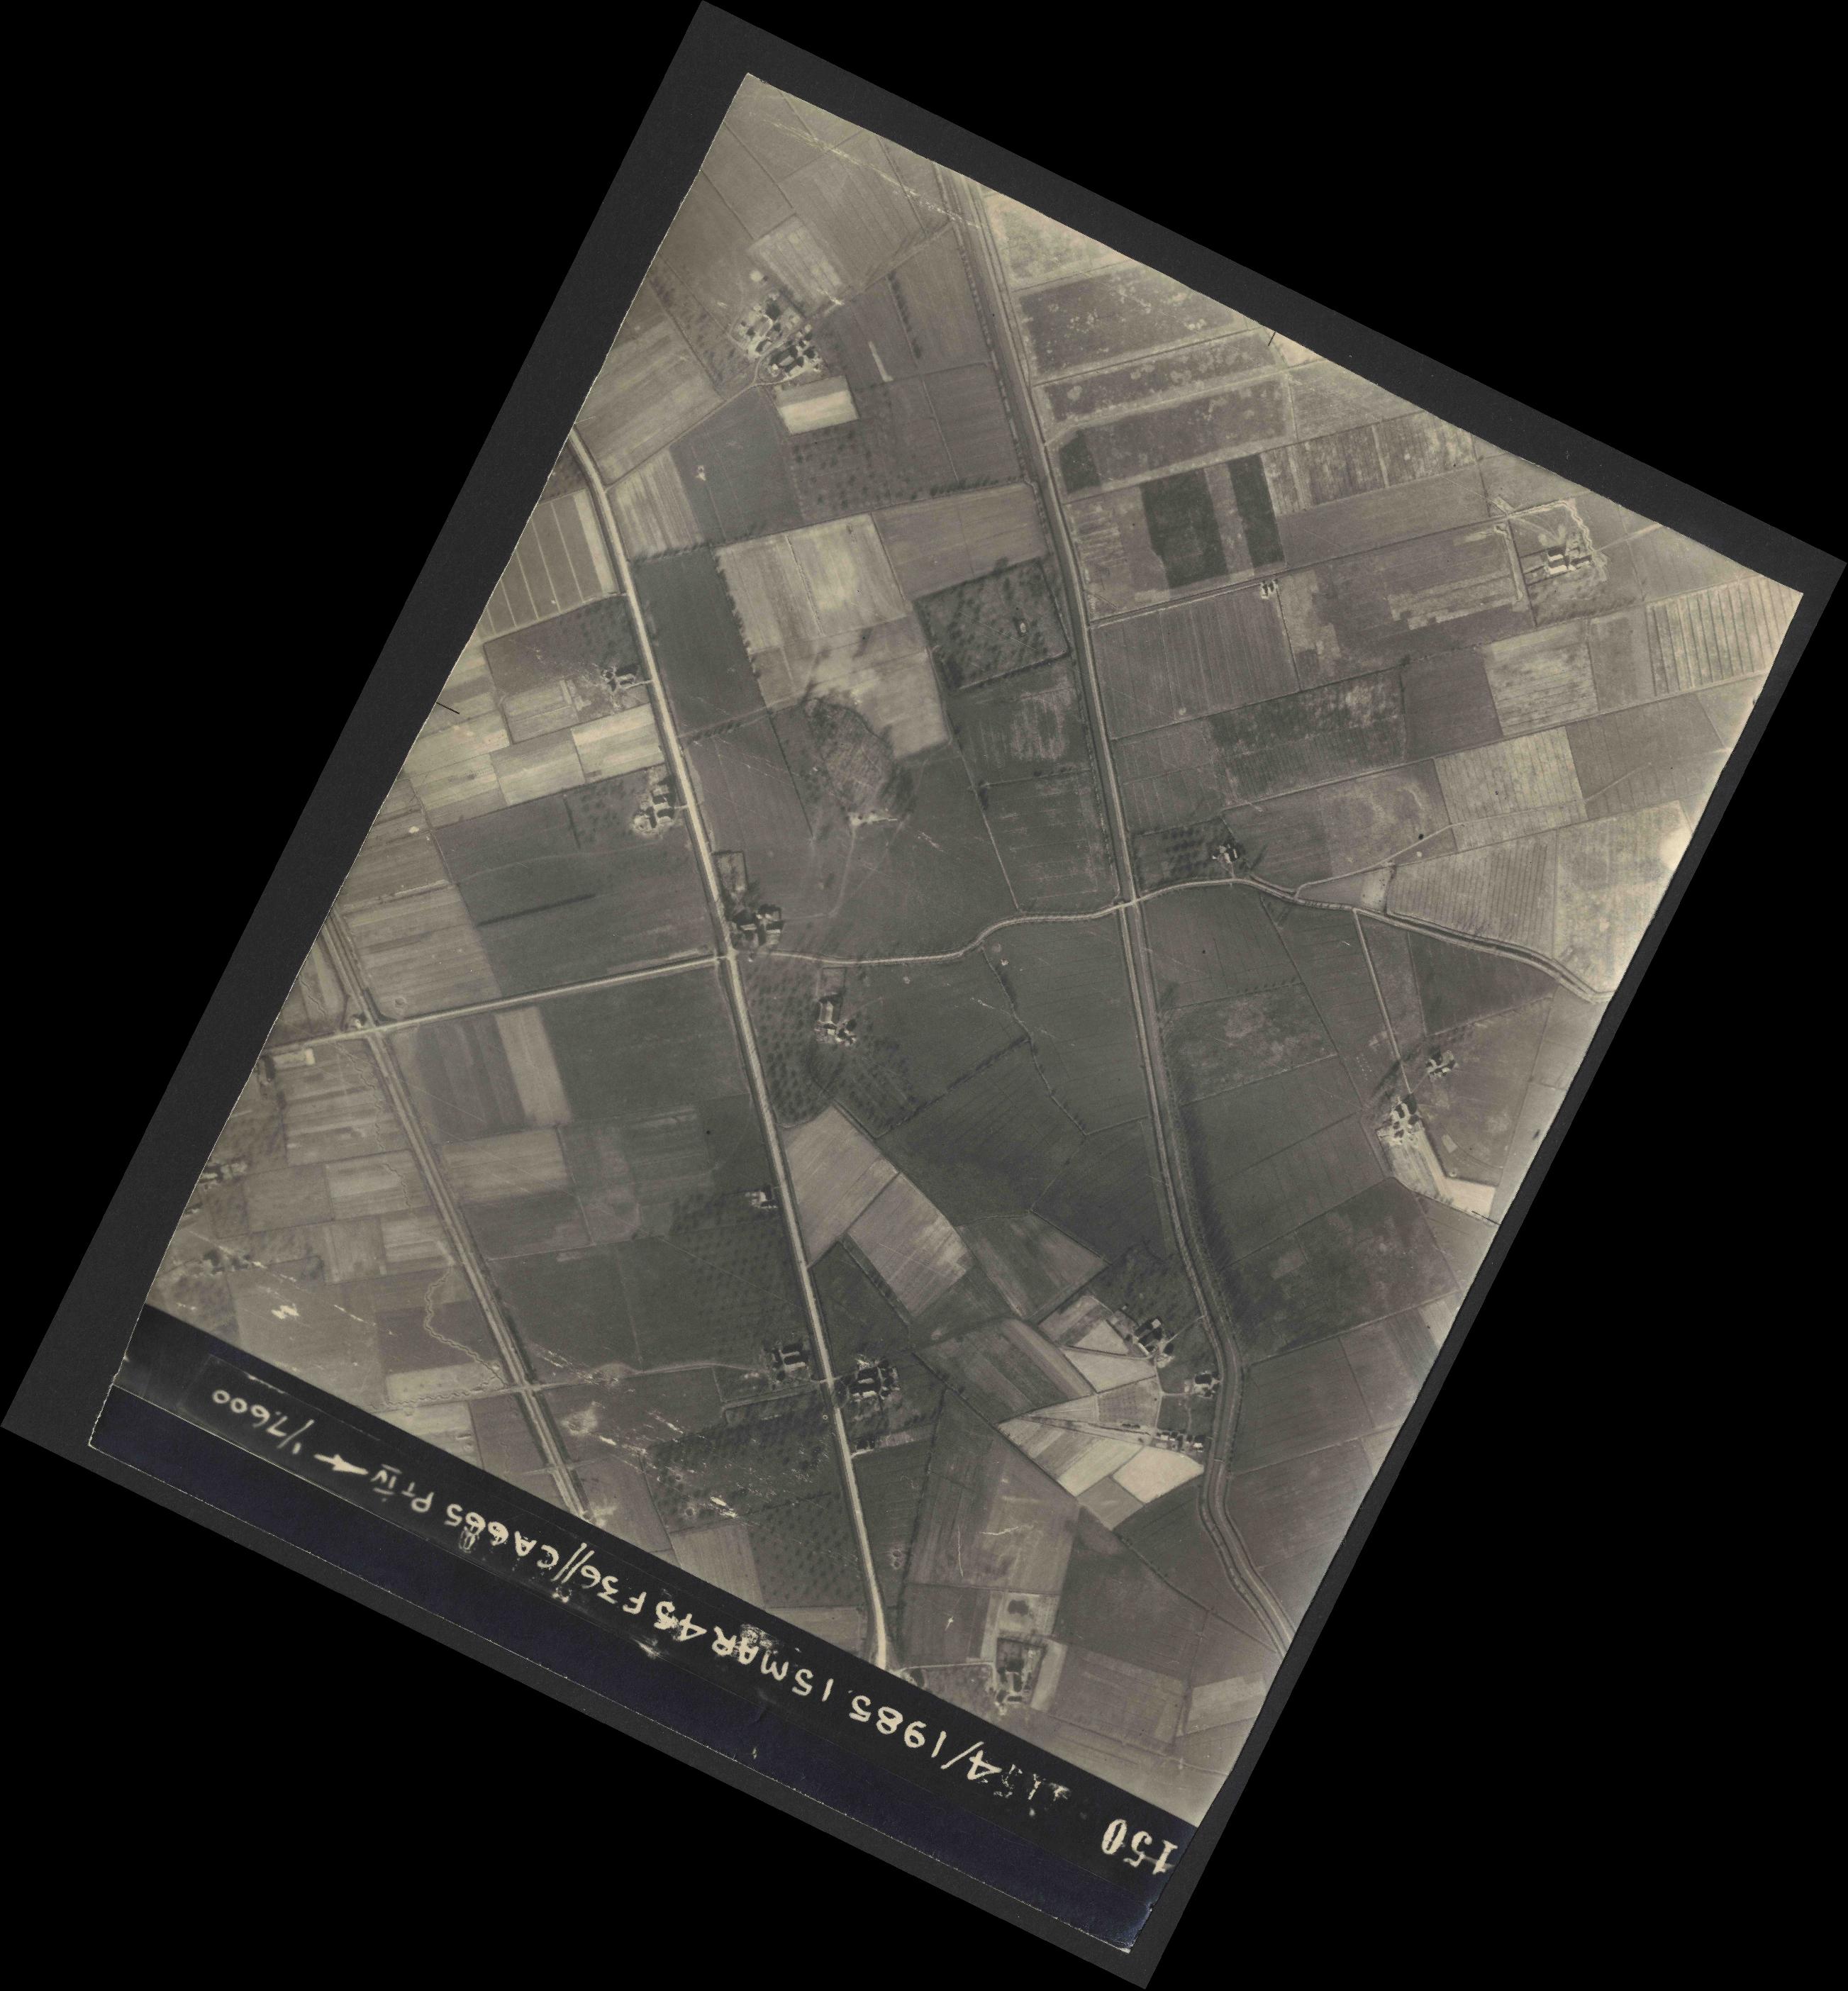 Collection RAF aerial photos 1940-1945 - flight 059, run 06, photo 4150